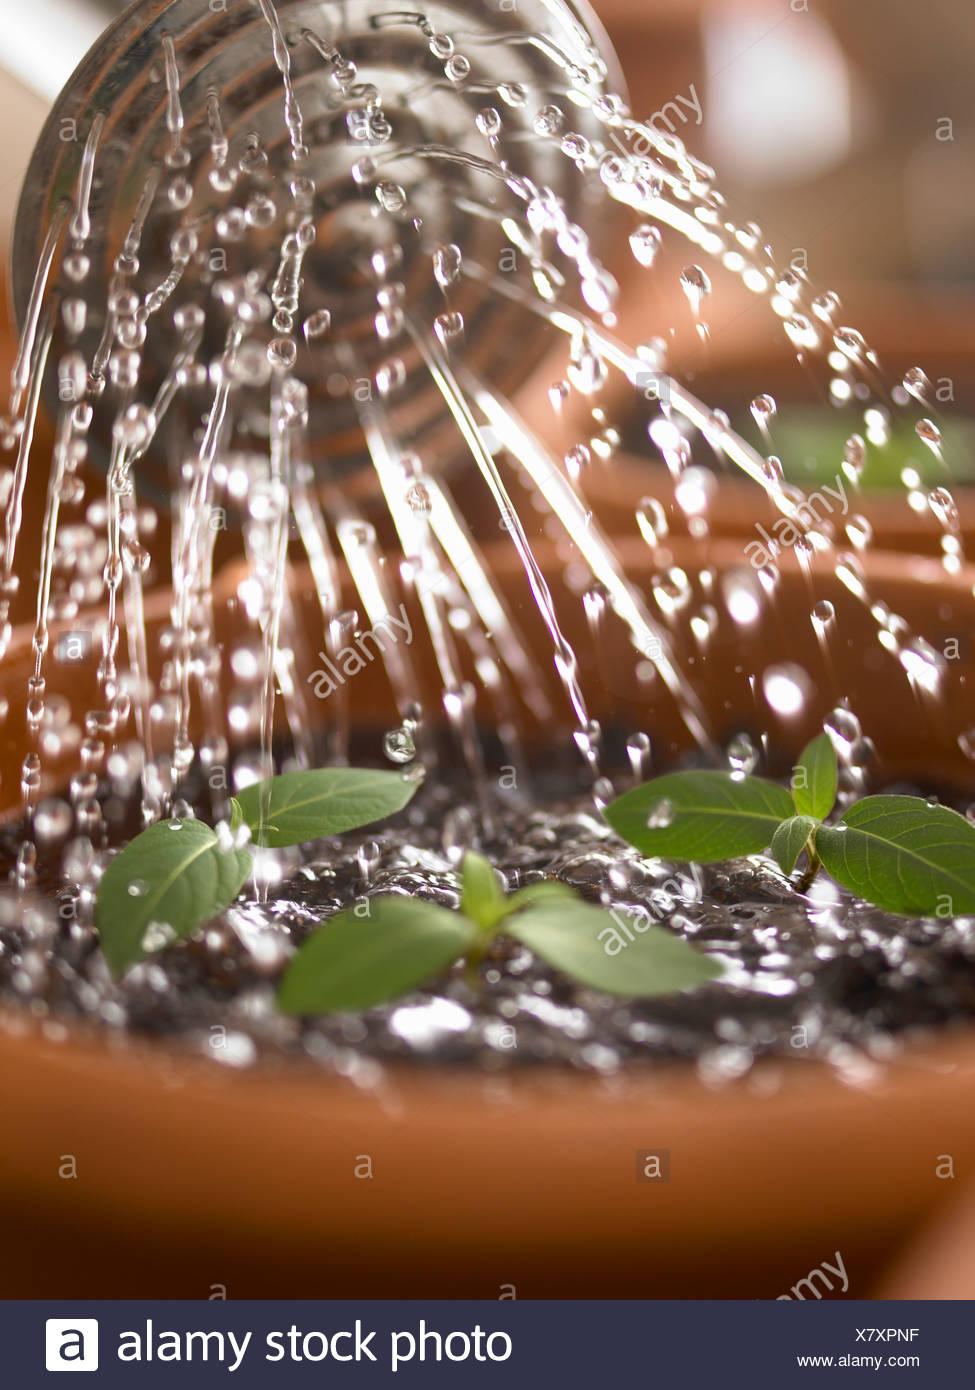 Nahaufnahme von Gießkanne gießen Sämlinge in Blumentopf Stockbild